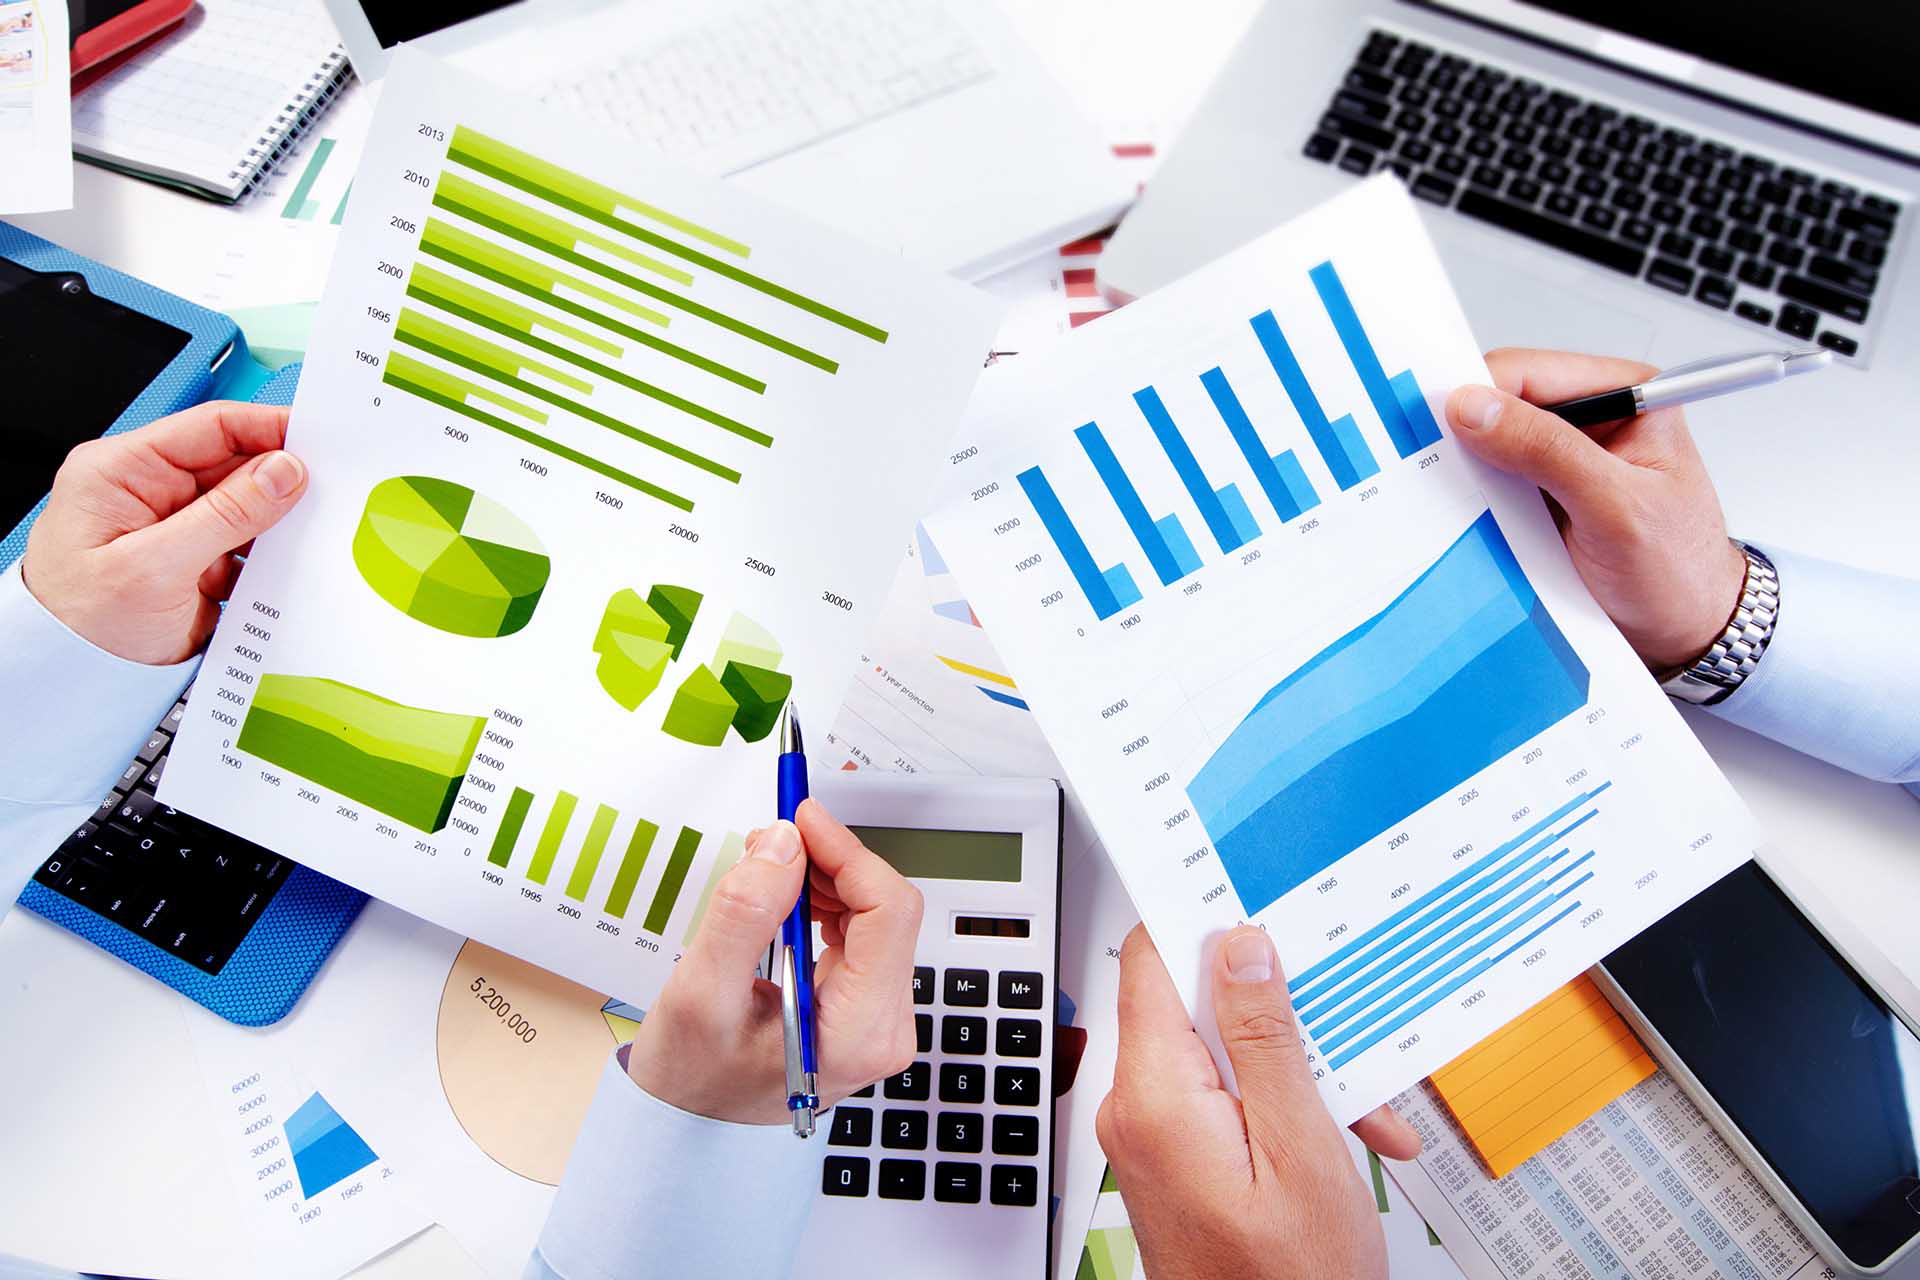 Бесплатный вебинар: Интернет-маркетинг для бизнеса: как оптимизировать затраты на маркетинг и повысить прибыль